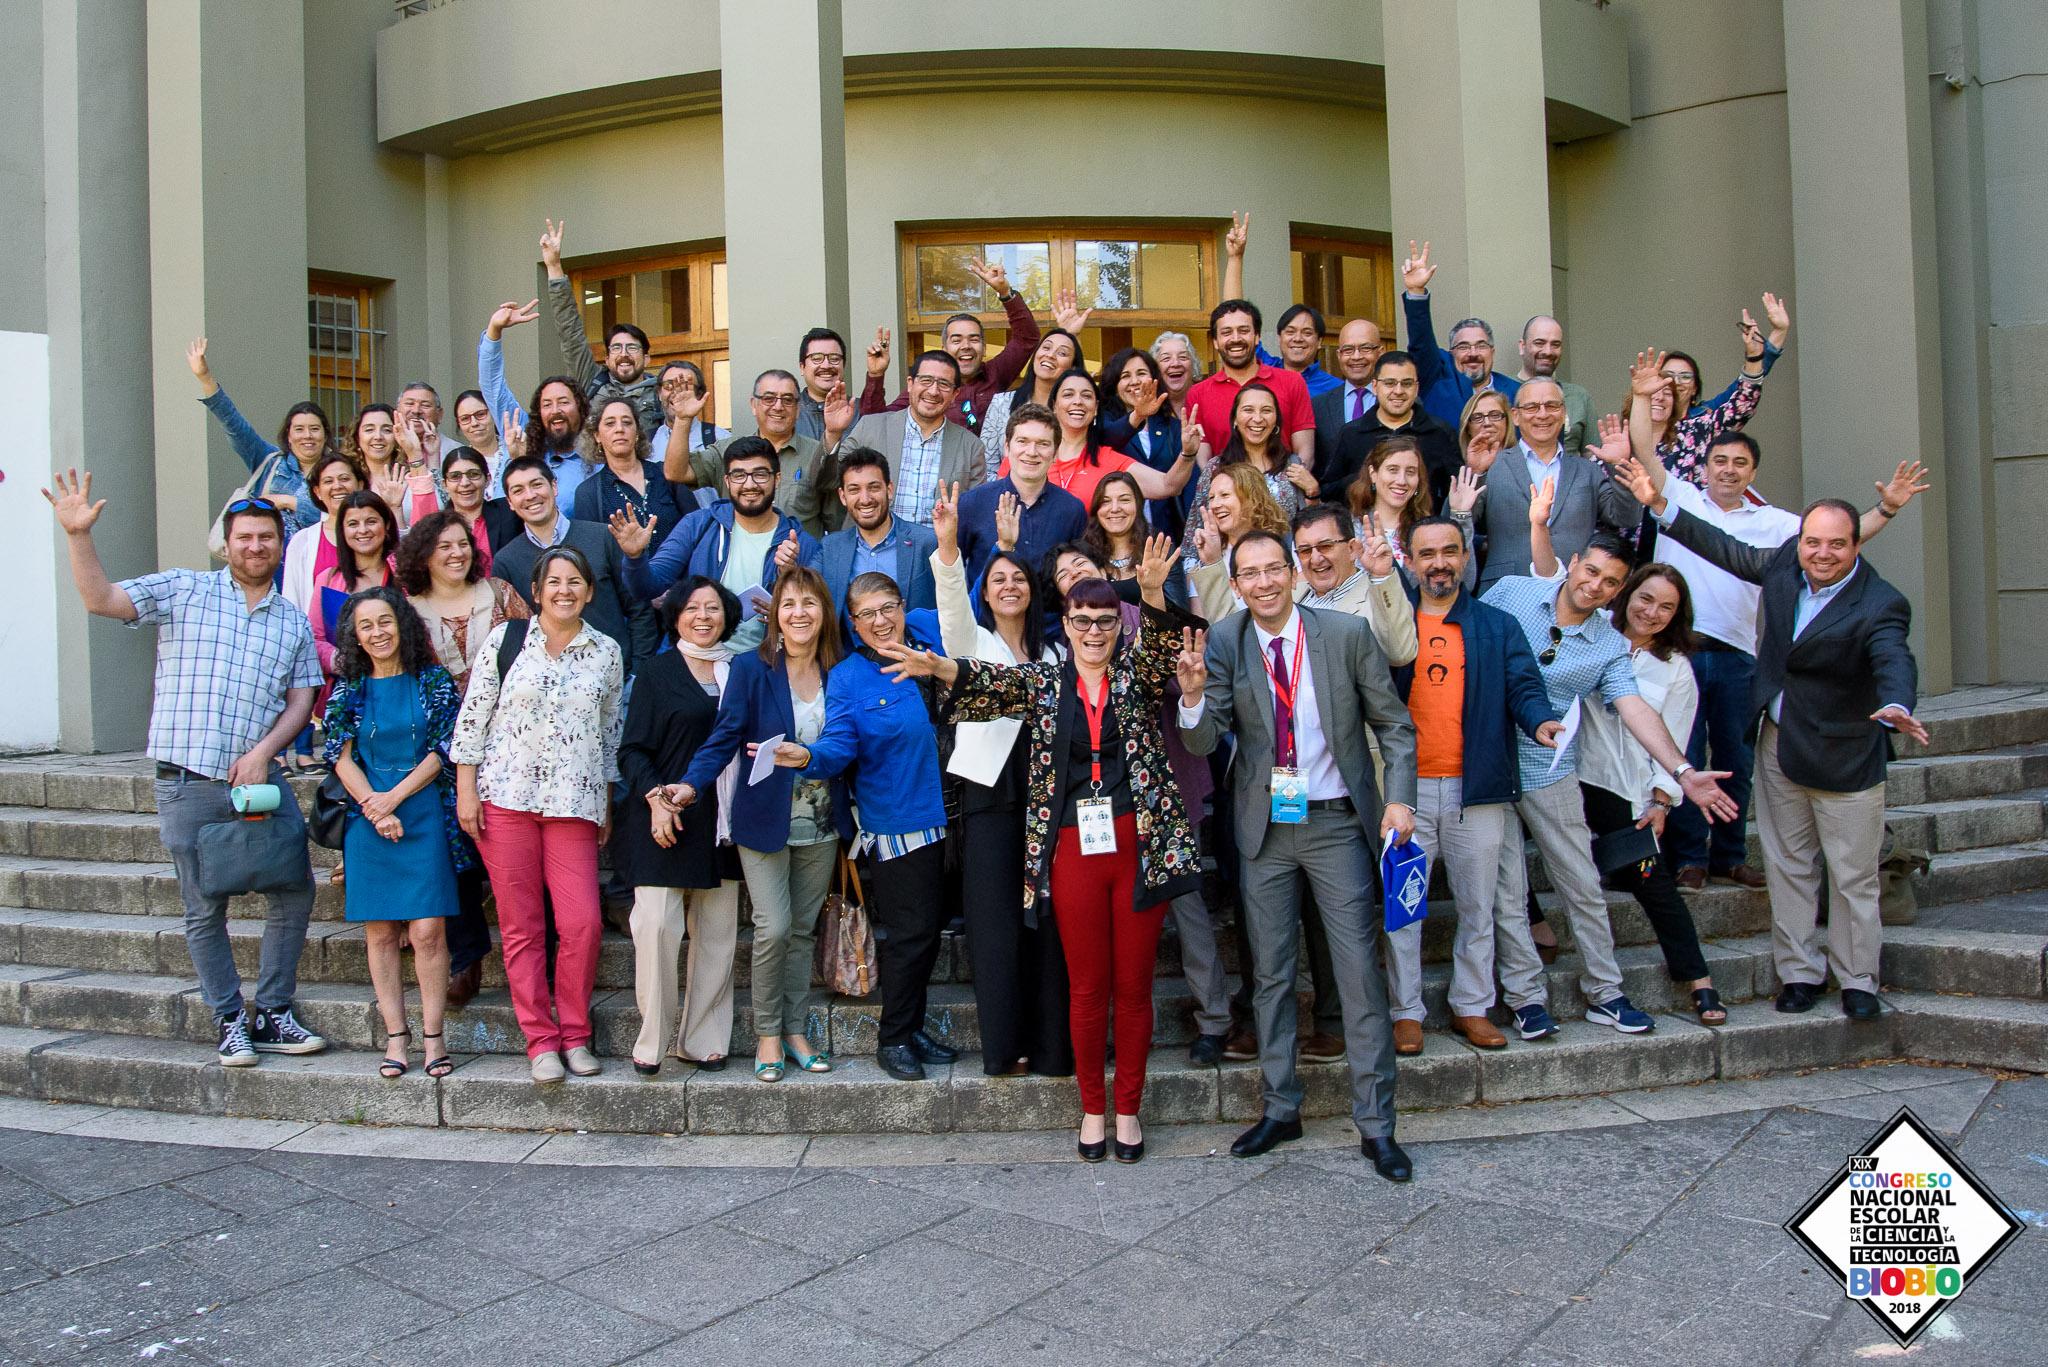 Comité Científico Evaluador del XIX Congreso Nacional Escolar de la Ciencia y la Tecnología